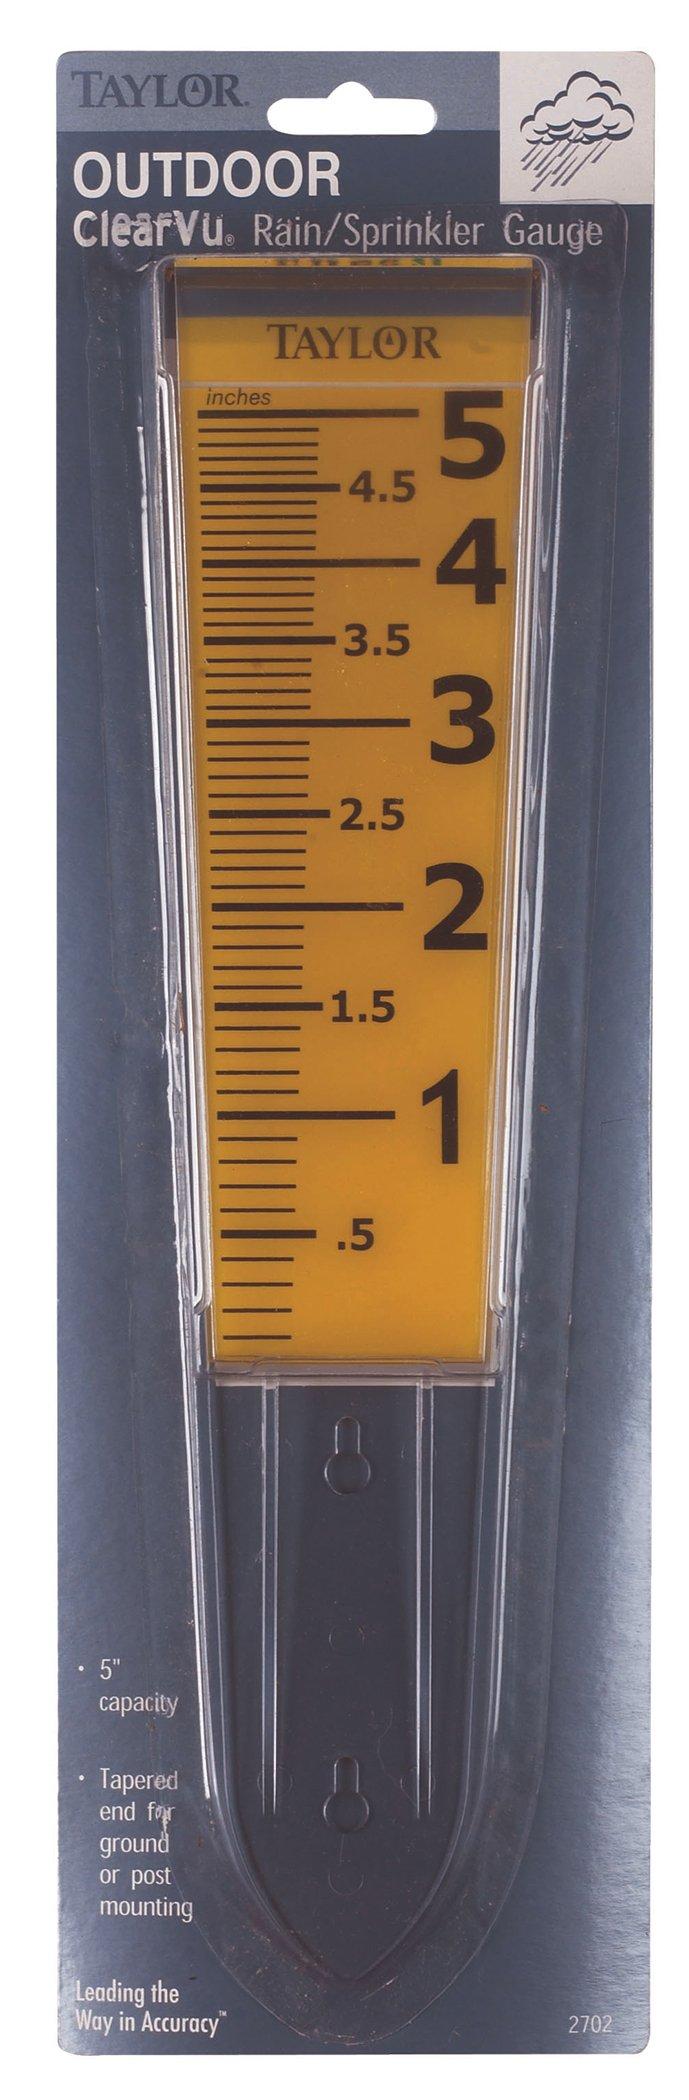 Chaney Instrument Clear VU Rain Gauge